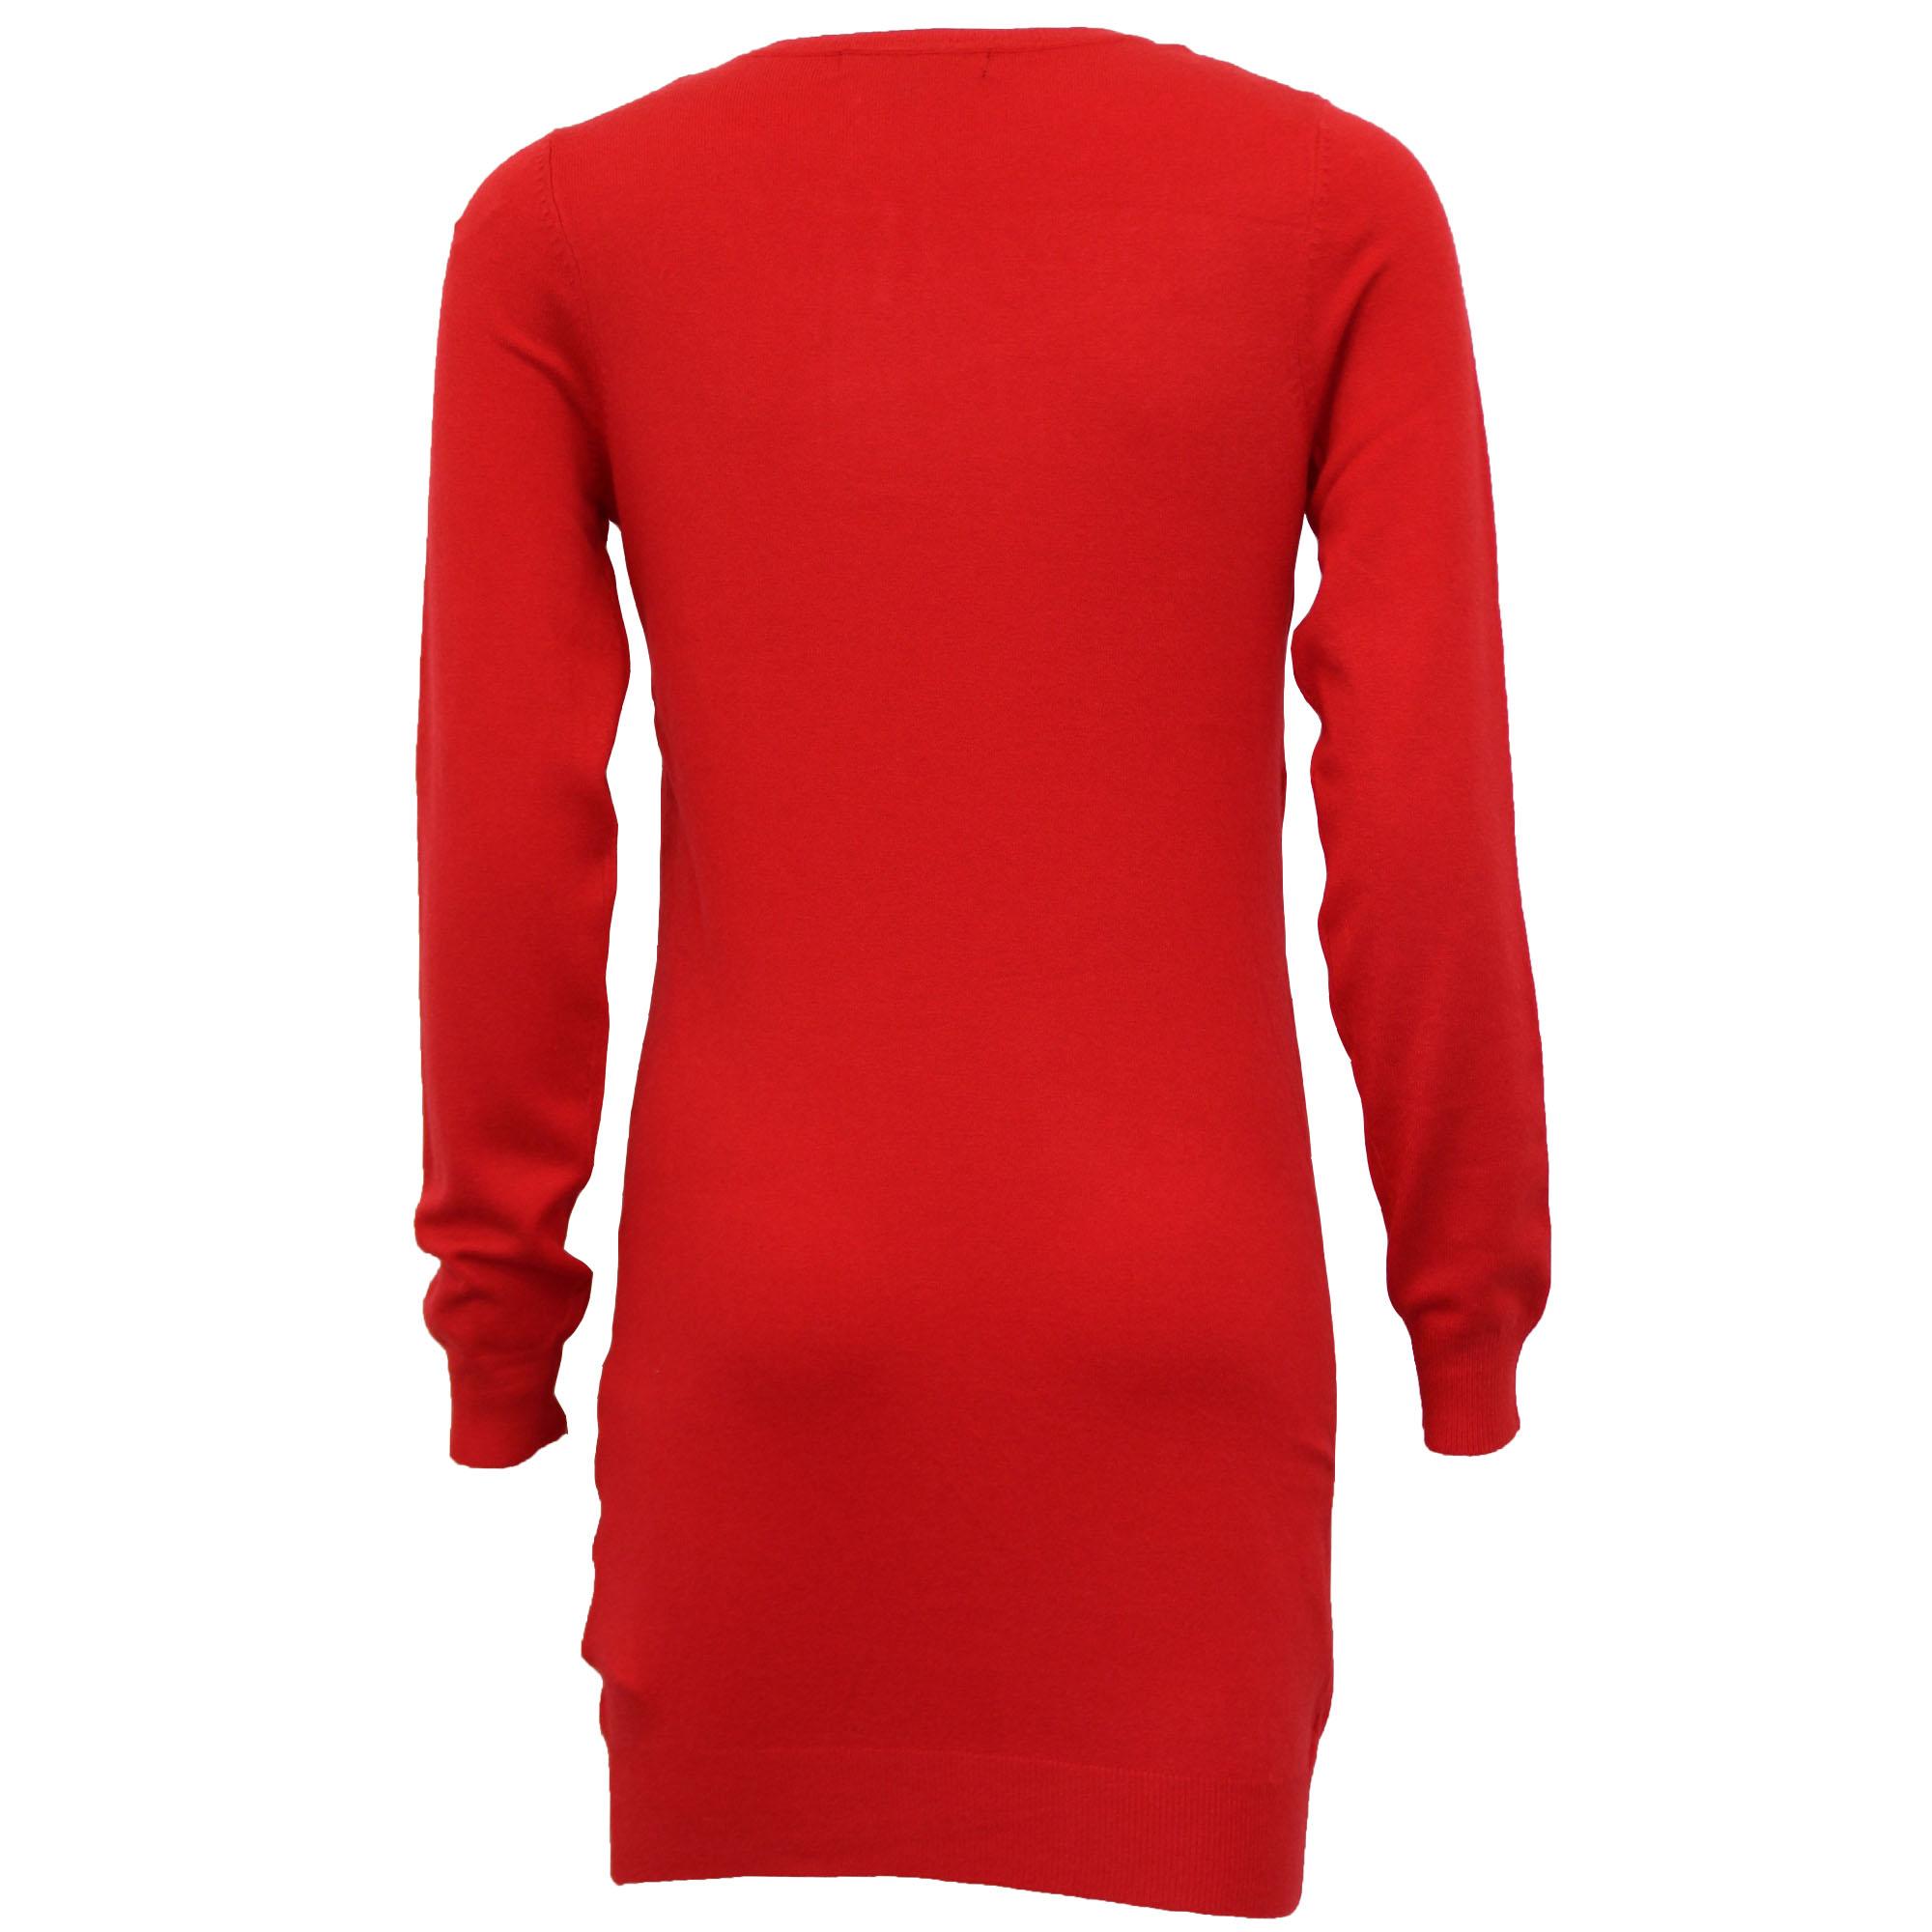 Damen-Xmas-Lang-Pullover-Damen-Kleid-Weihnachten-Glitzernde-Pailletten-Neuheit-Party-NEU Indexbild 11